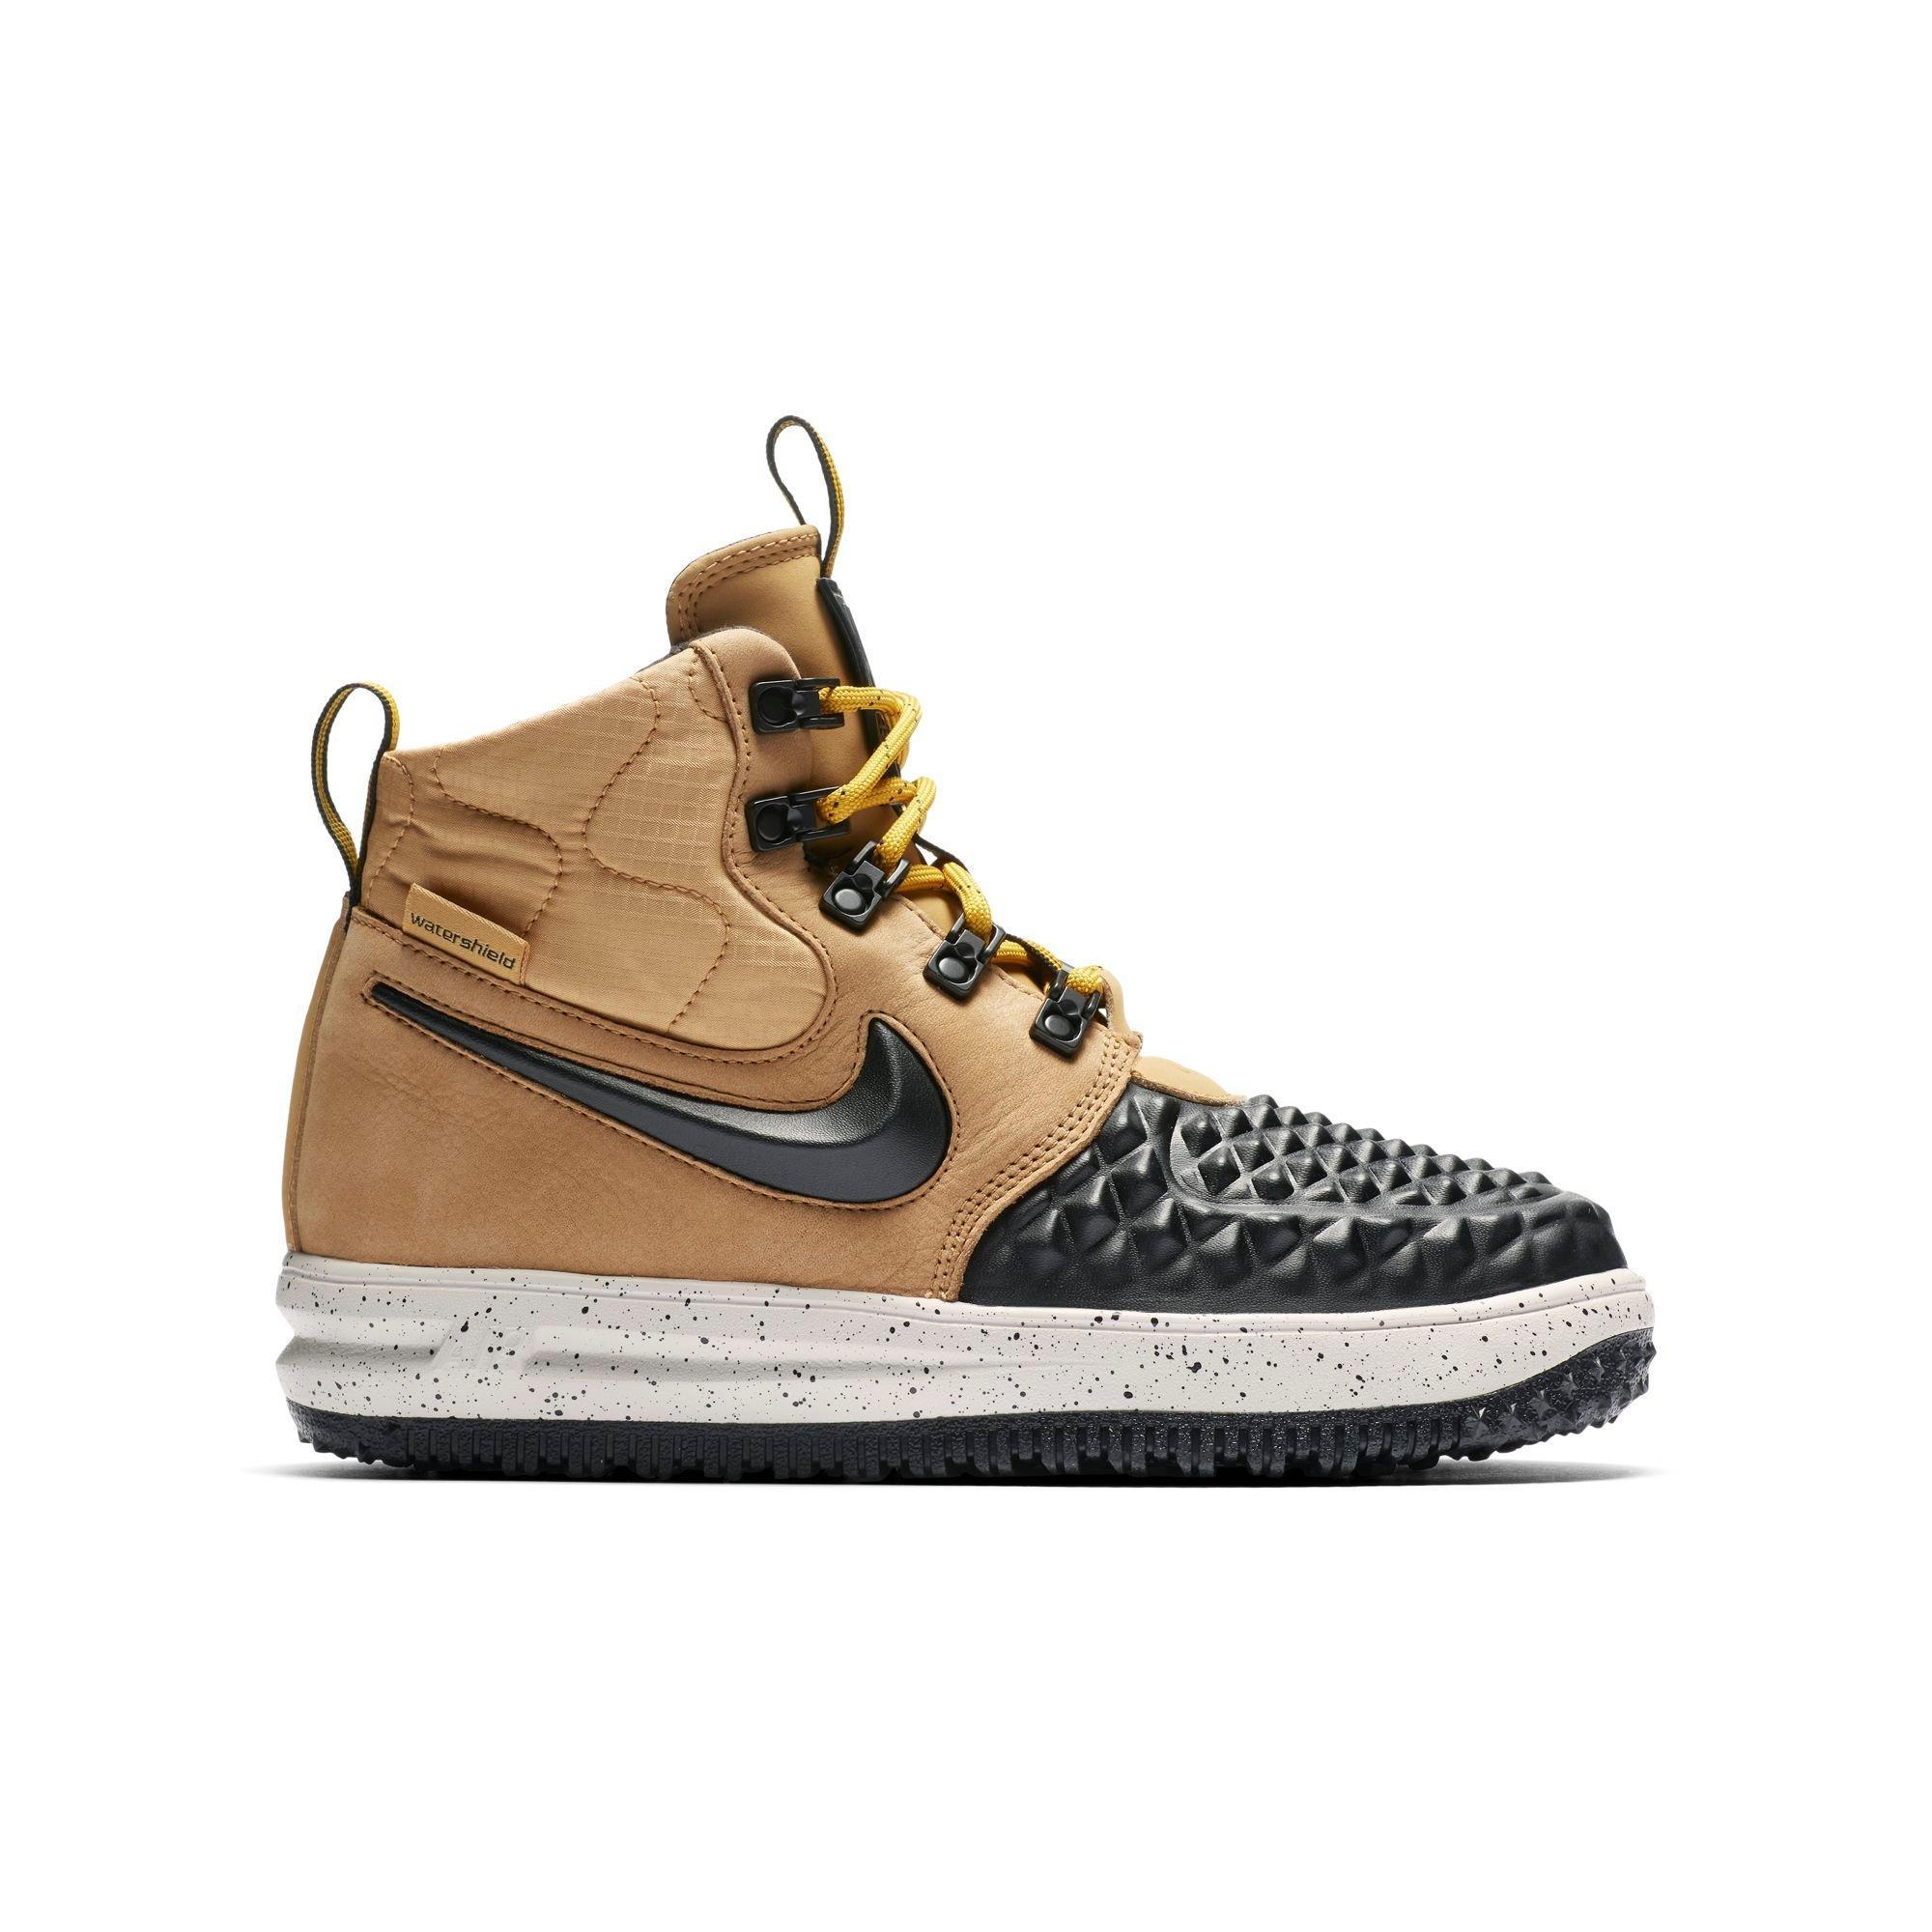 Free Shipping No Minimum.: (0). Nike Lunar Force 1 \u002717 Grade School Boys\u0027  Casual Duckboot